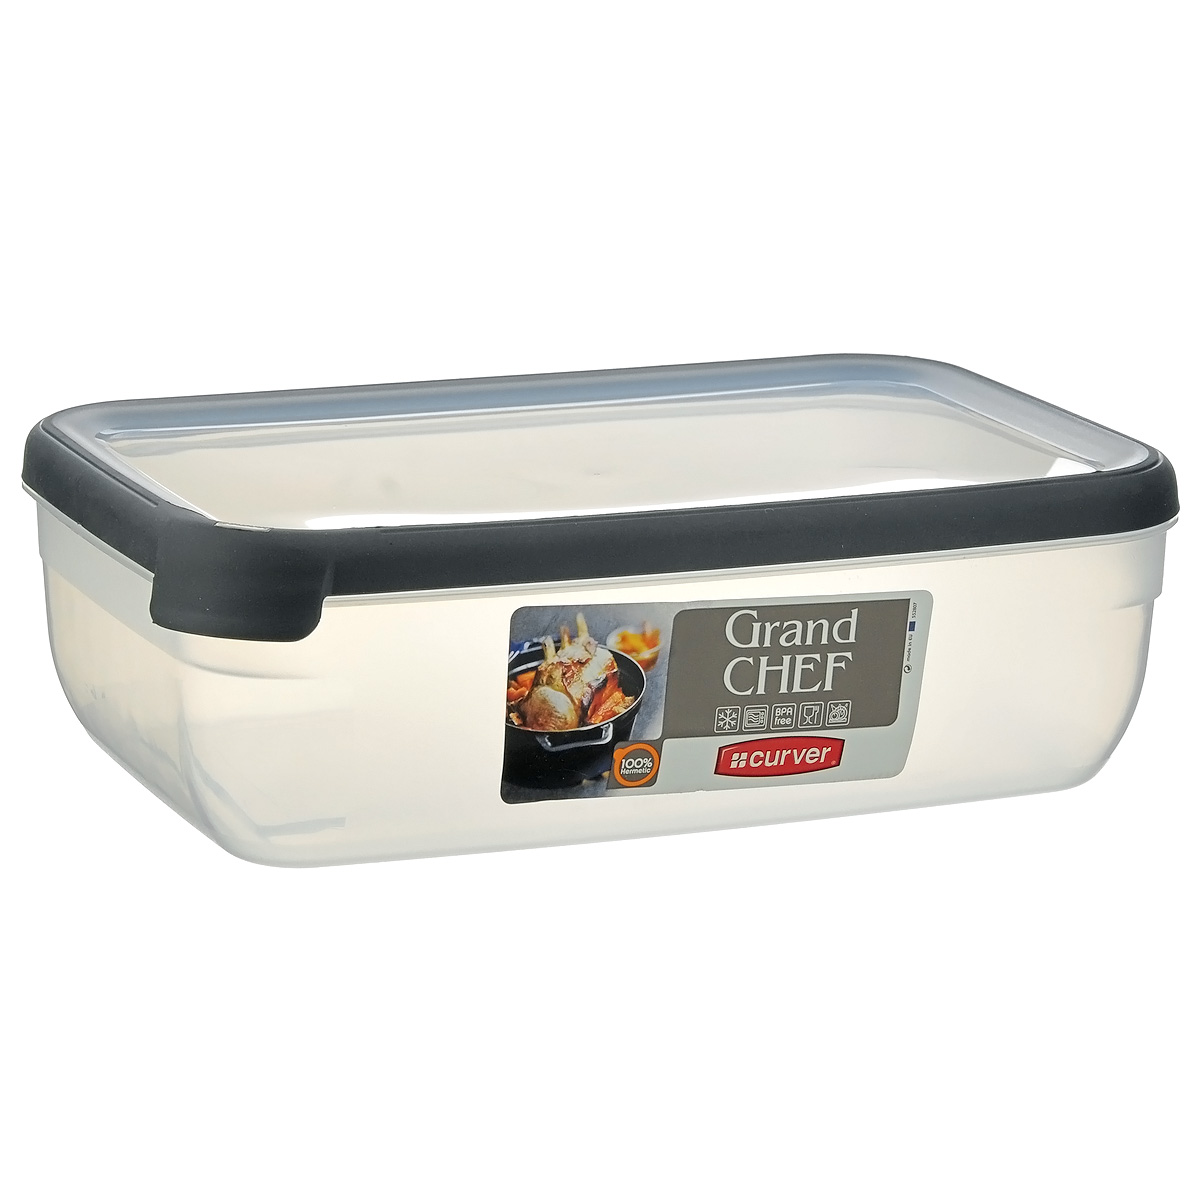 Емкость для заморозки и СВЧ Curver Grand Chef, цвет: серый, 4 л контейнер для продуктов curver grand chef 2 6 л серая крышка